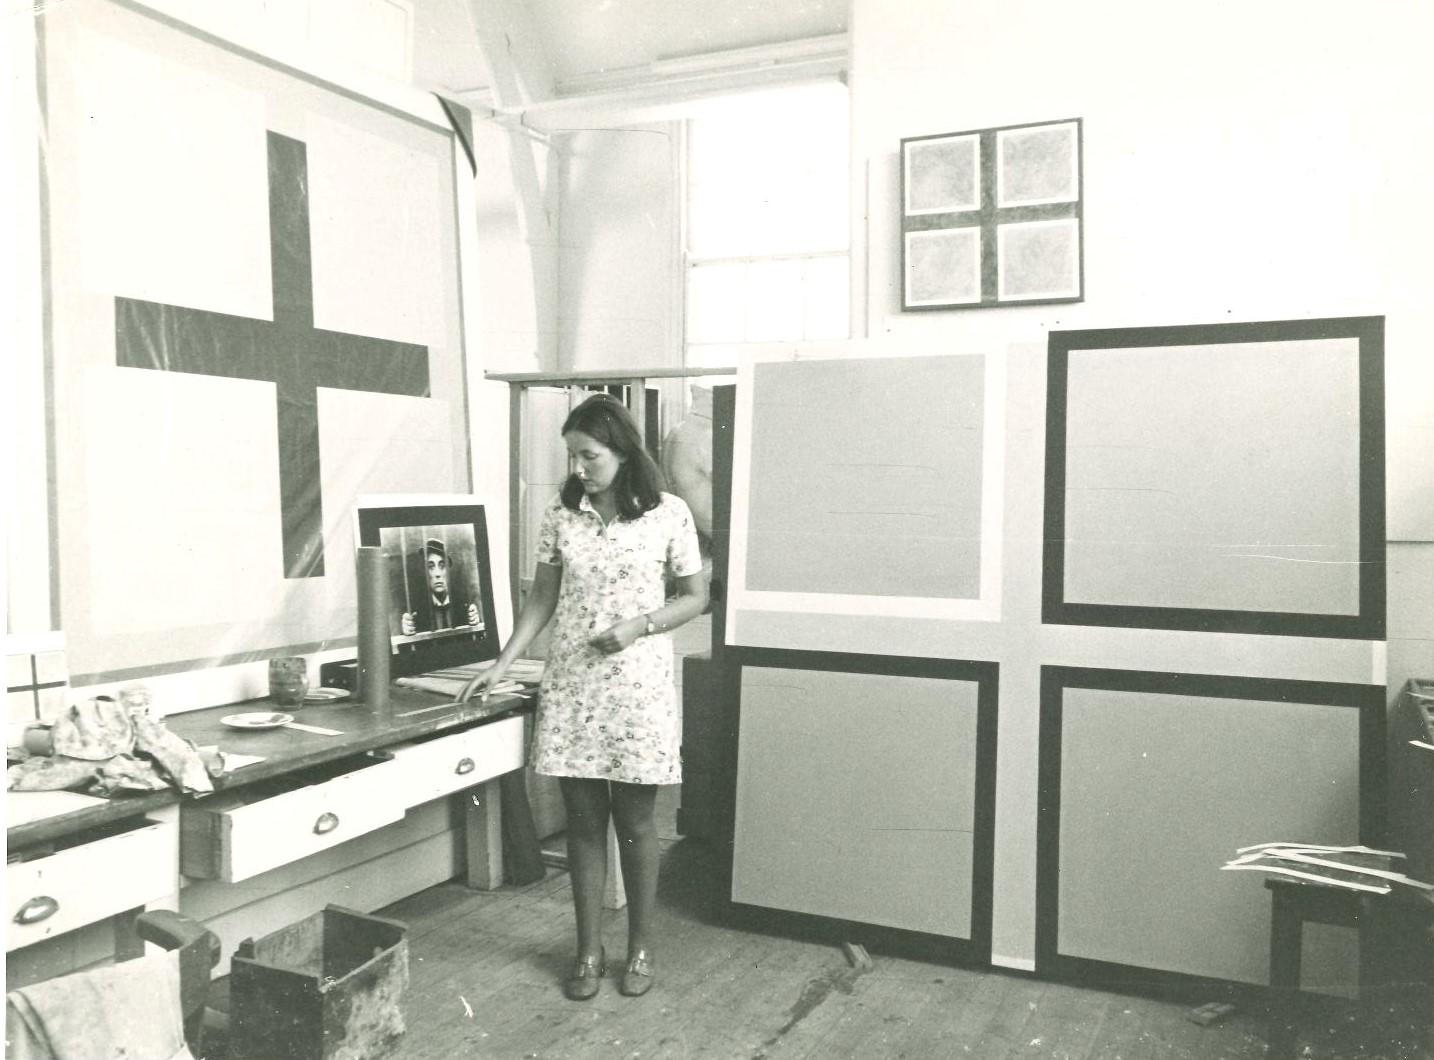 Mary Webb in her studio, Norwich School of Art, 1967.